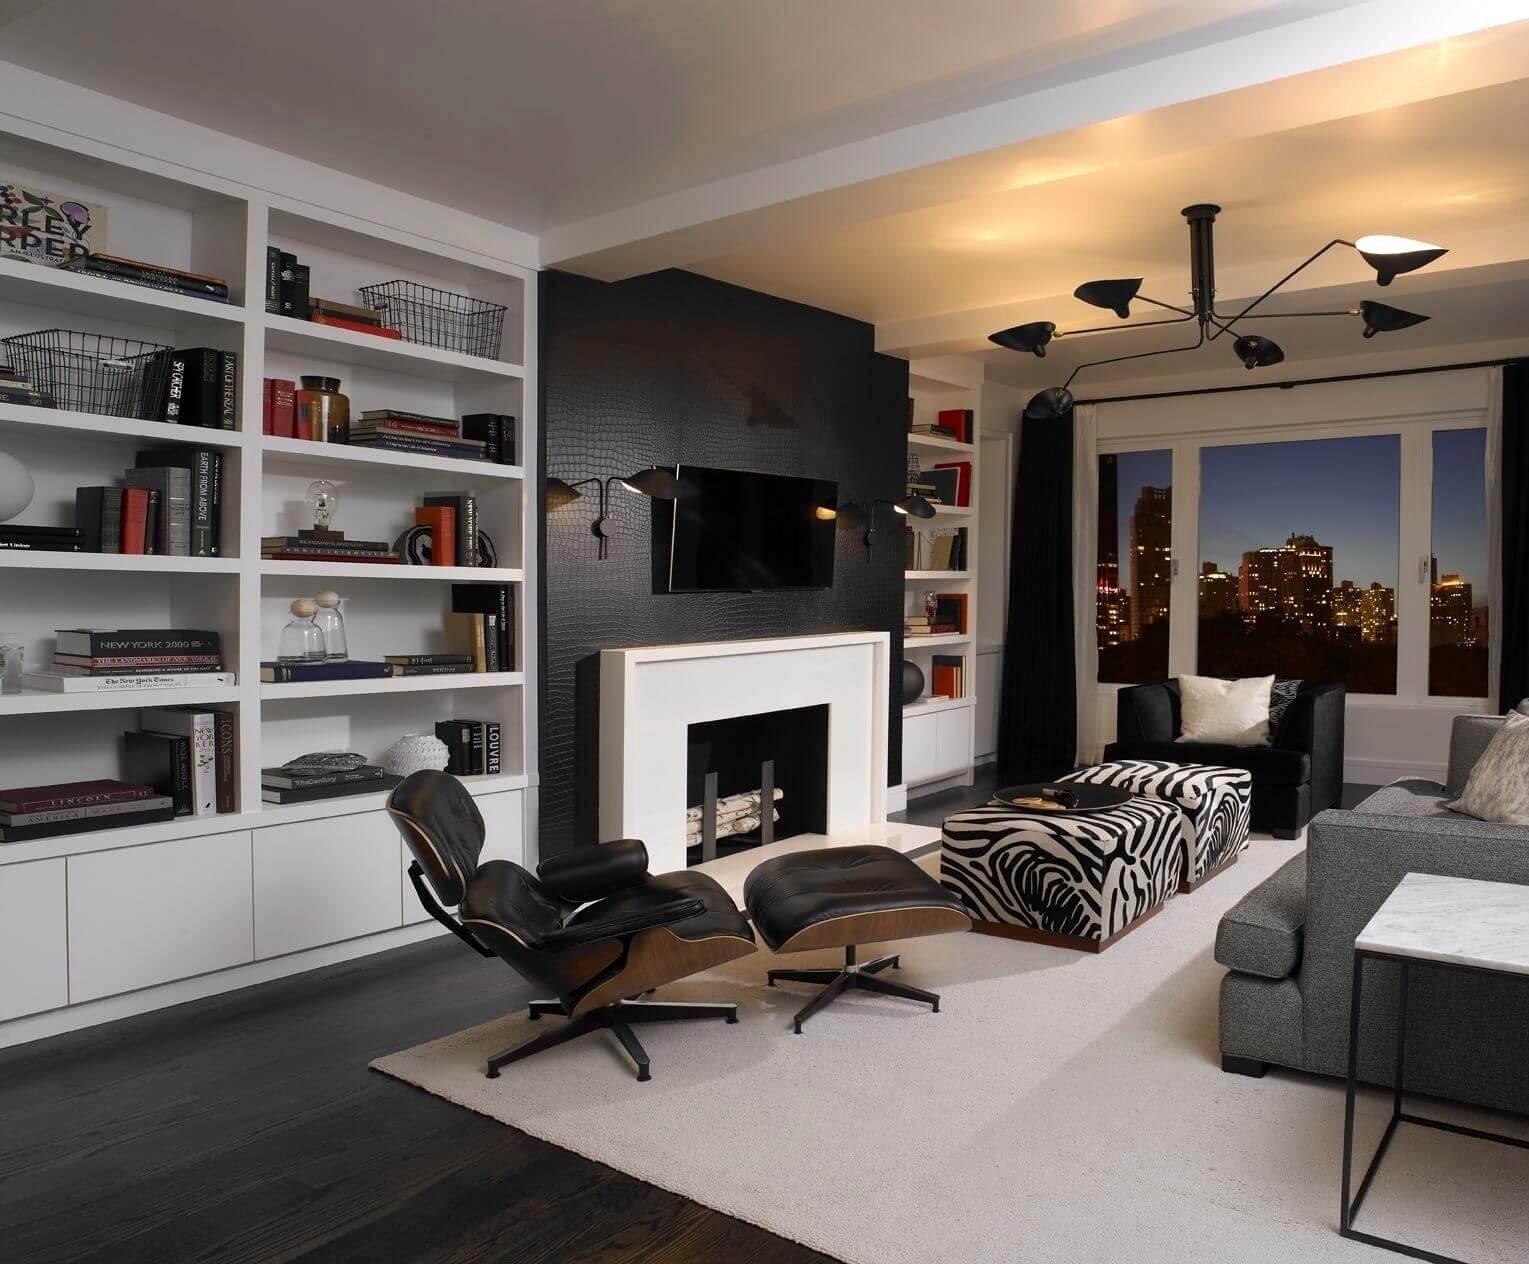 10 Lovely Animal Print Living Room Ideas extraordinary zebra print living room ideas interior zebrawayfair 2020